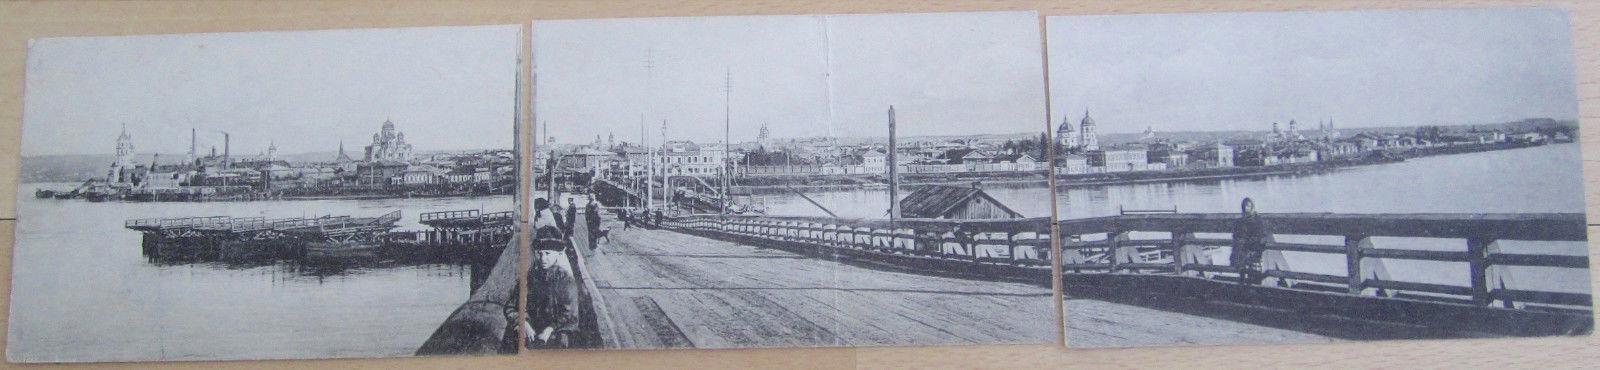 Панорама города с Глазковского моста